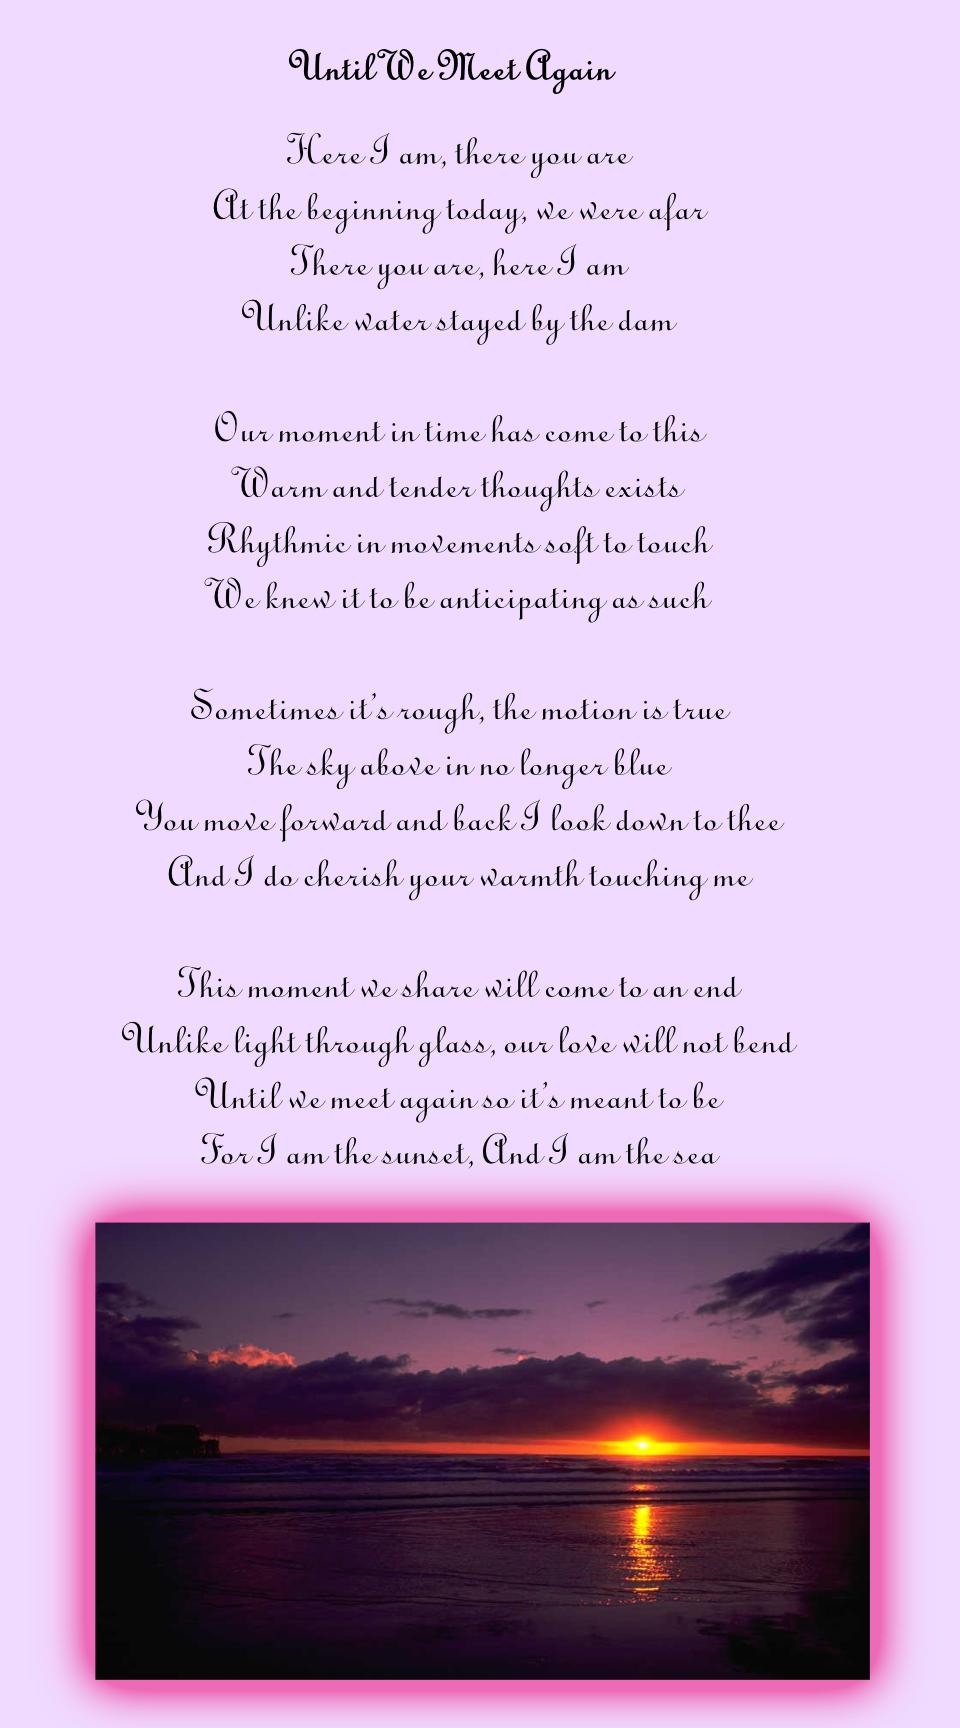 Meet poem we love until again Until we